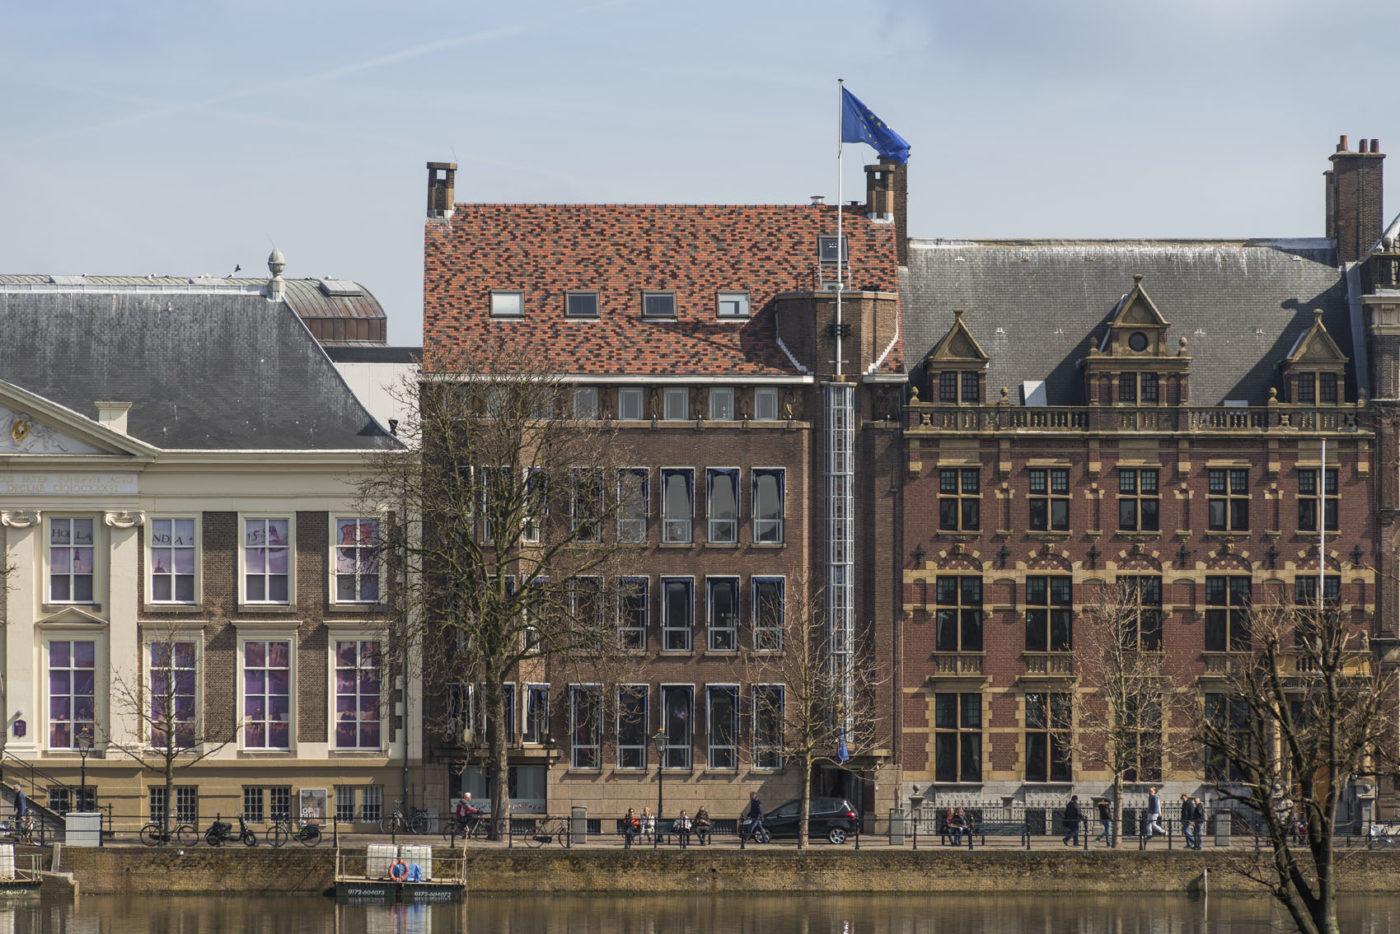 Huis van europa den haag braaksma roos architectenbureaubraaksma roos architectenbureau - Deco buitenkant huis ...